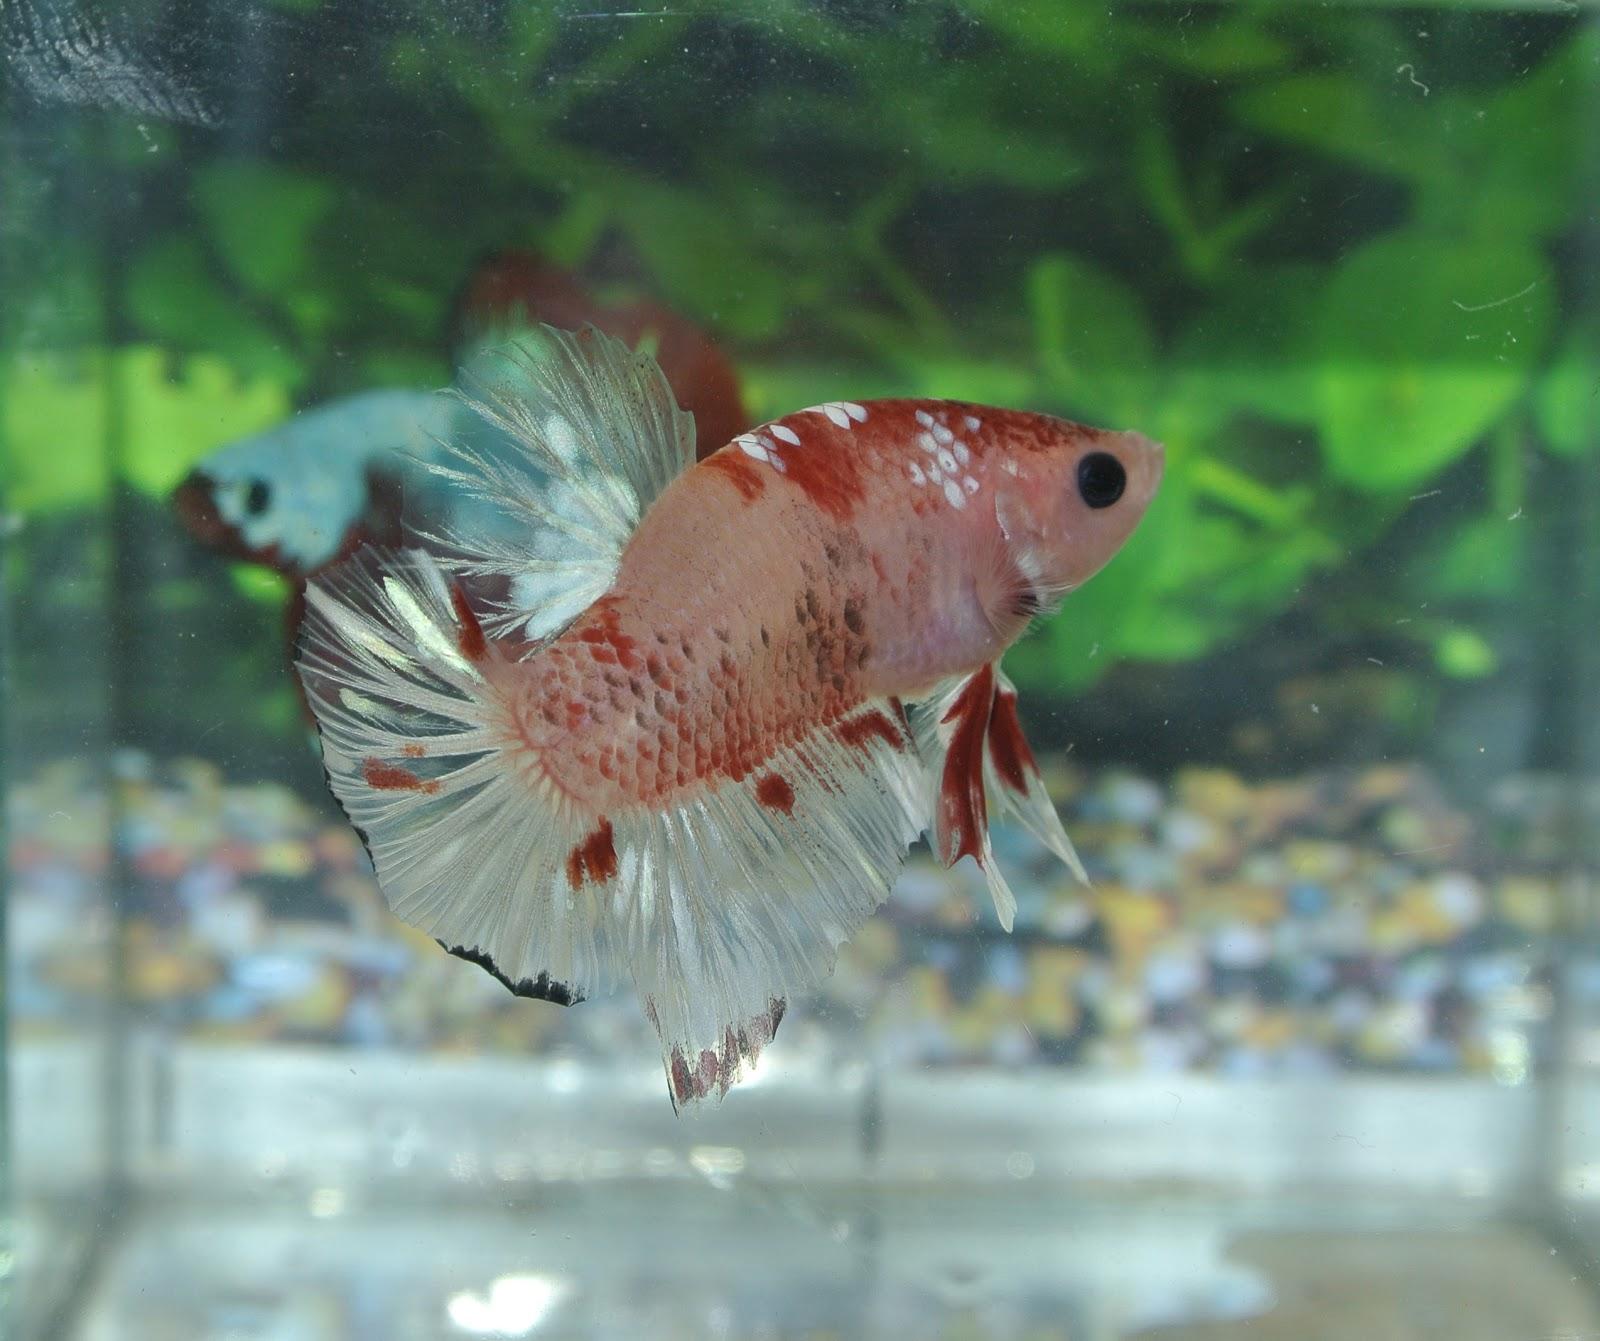 Betta fish afira betta hmpk 21 mei 2012 line indo fancy for Female koi fish